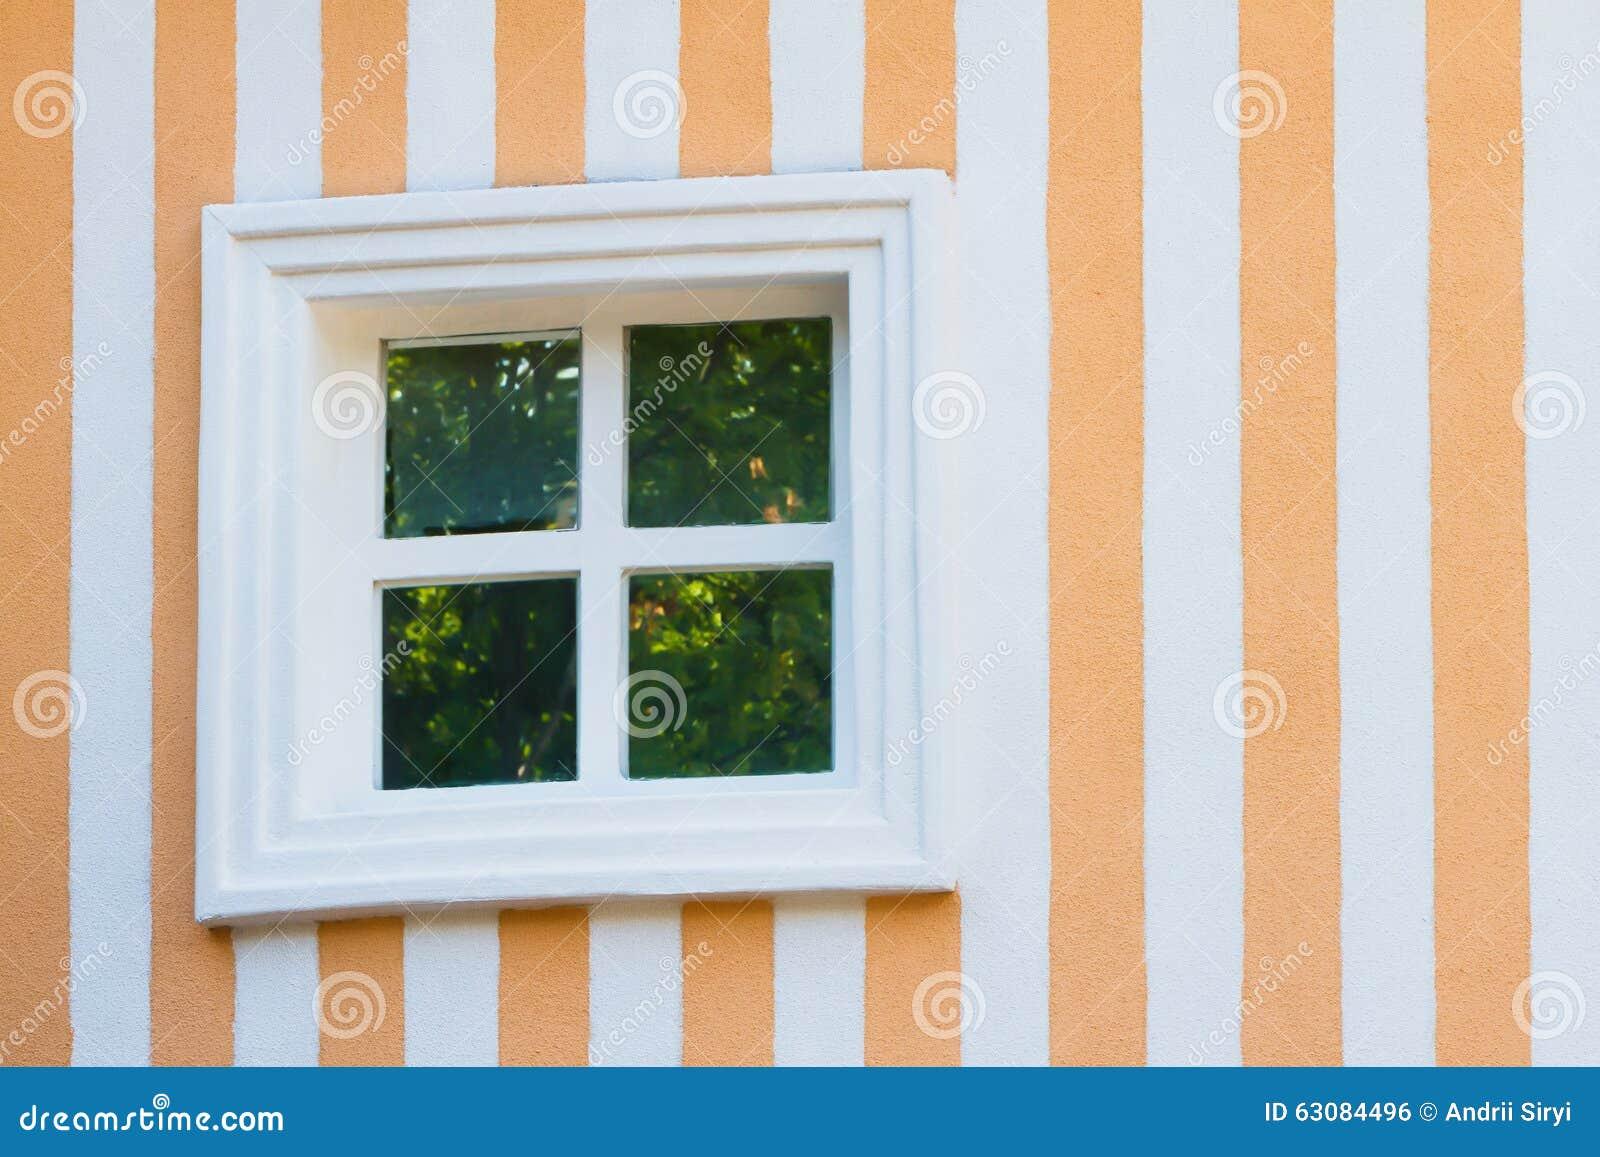 Download Mur Coloré Avec Une Fenêtre Blanche Photo stock - Image du blanc, gentil: 63084496